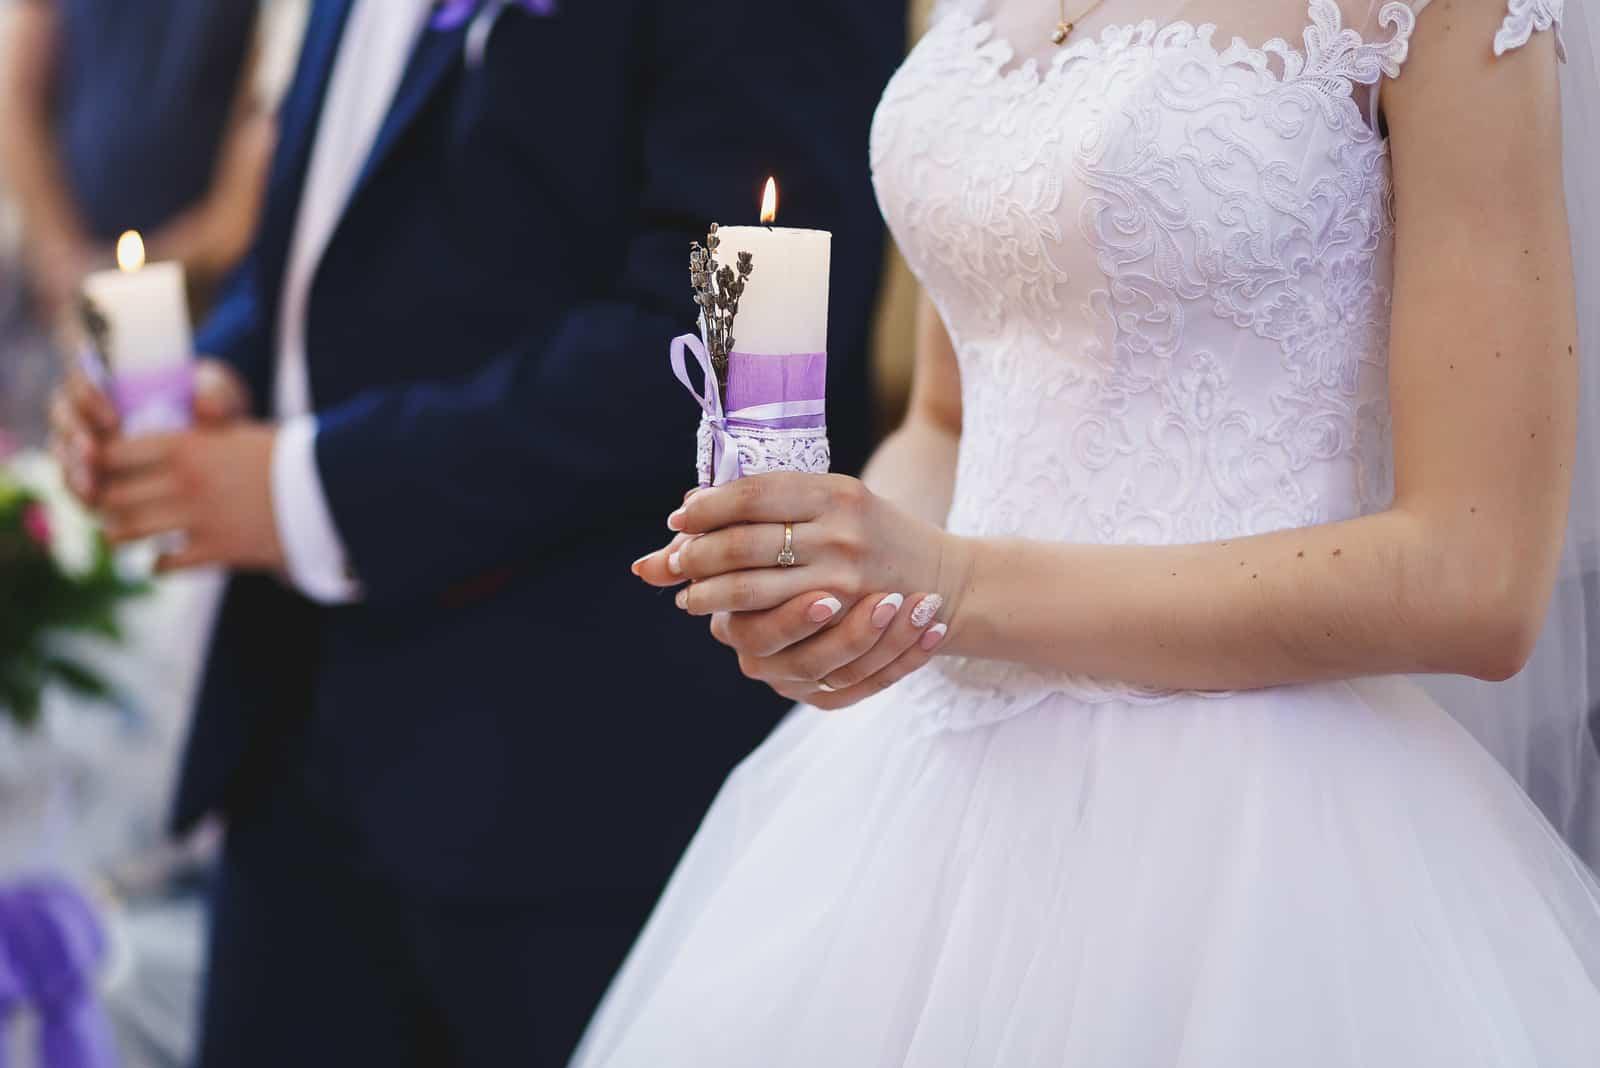 Braut und Bräutigam halten Kerzen in der Kirche